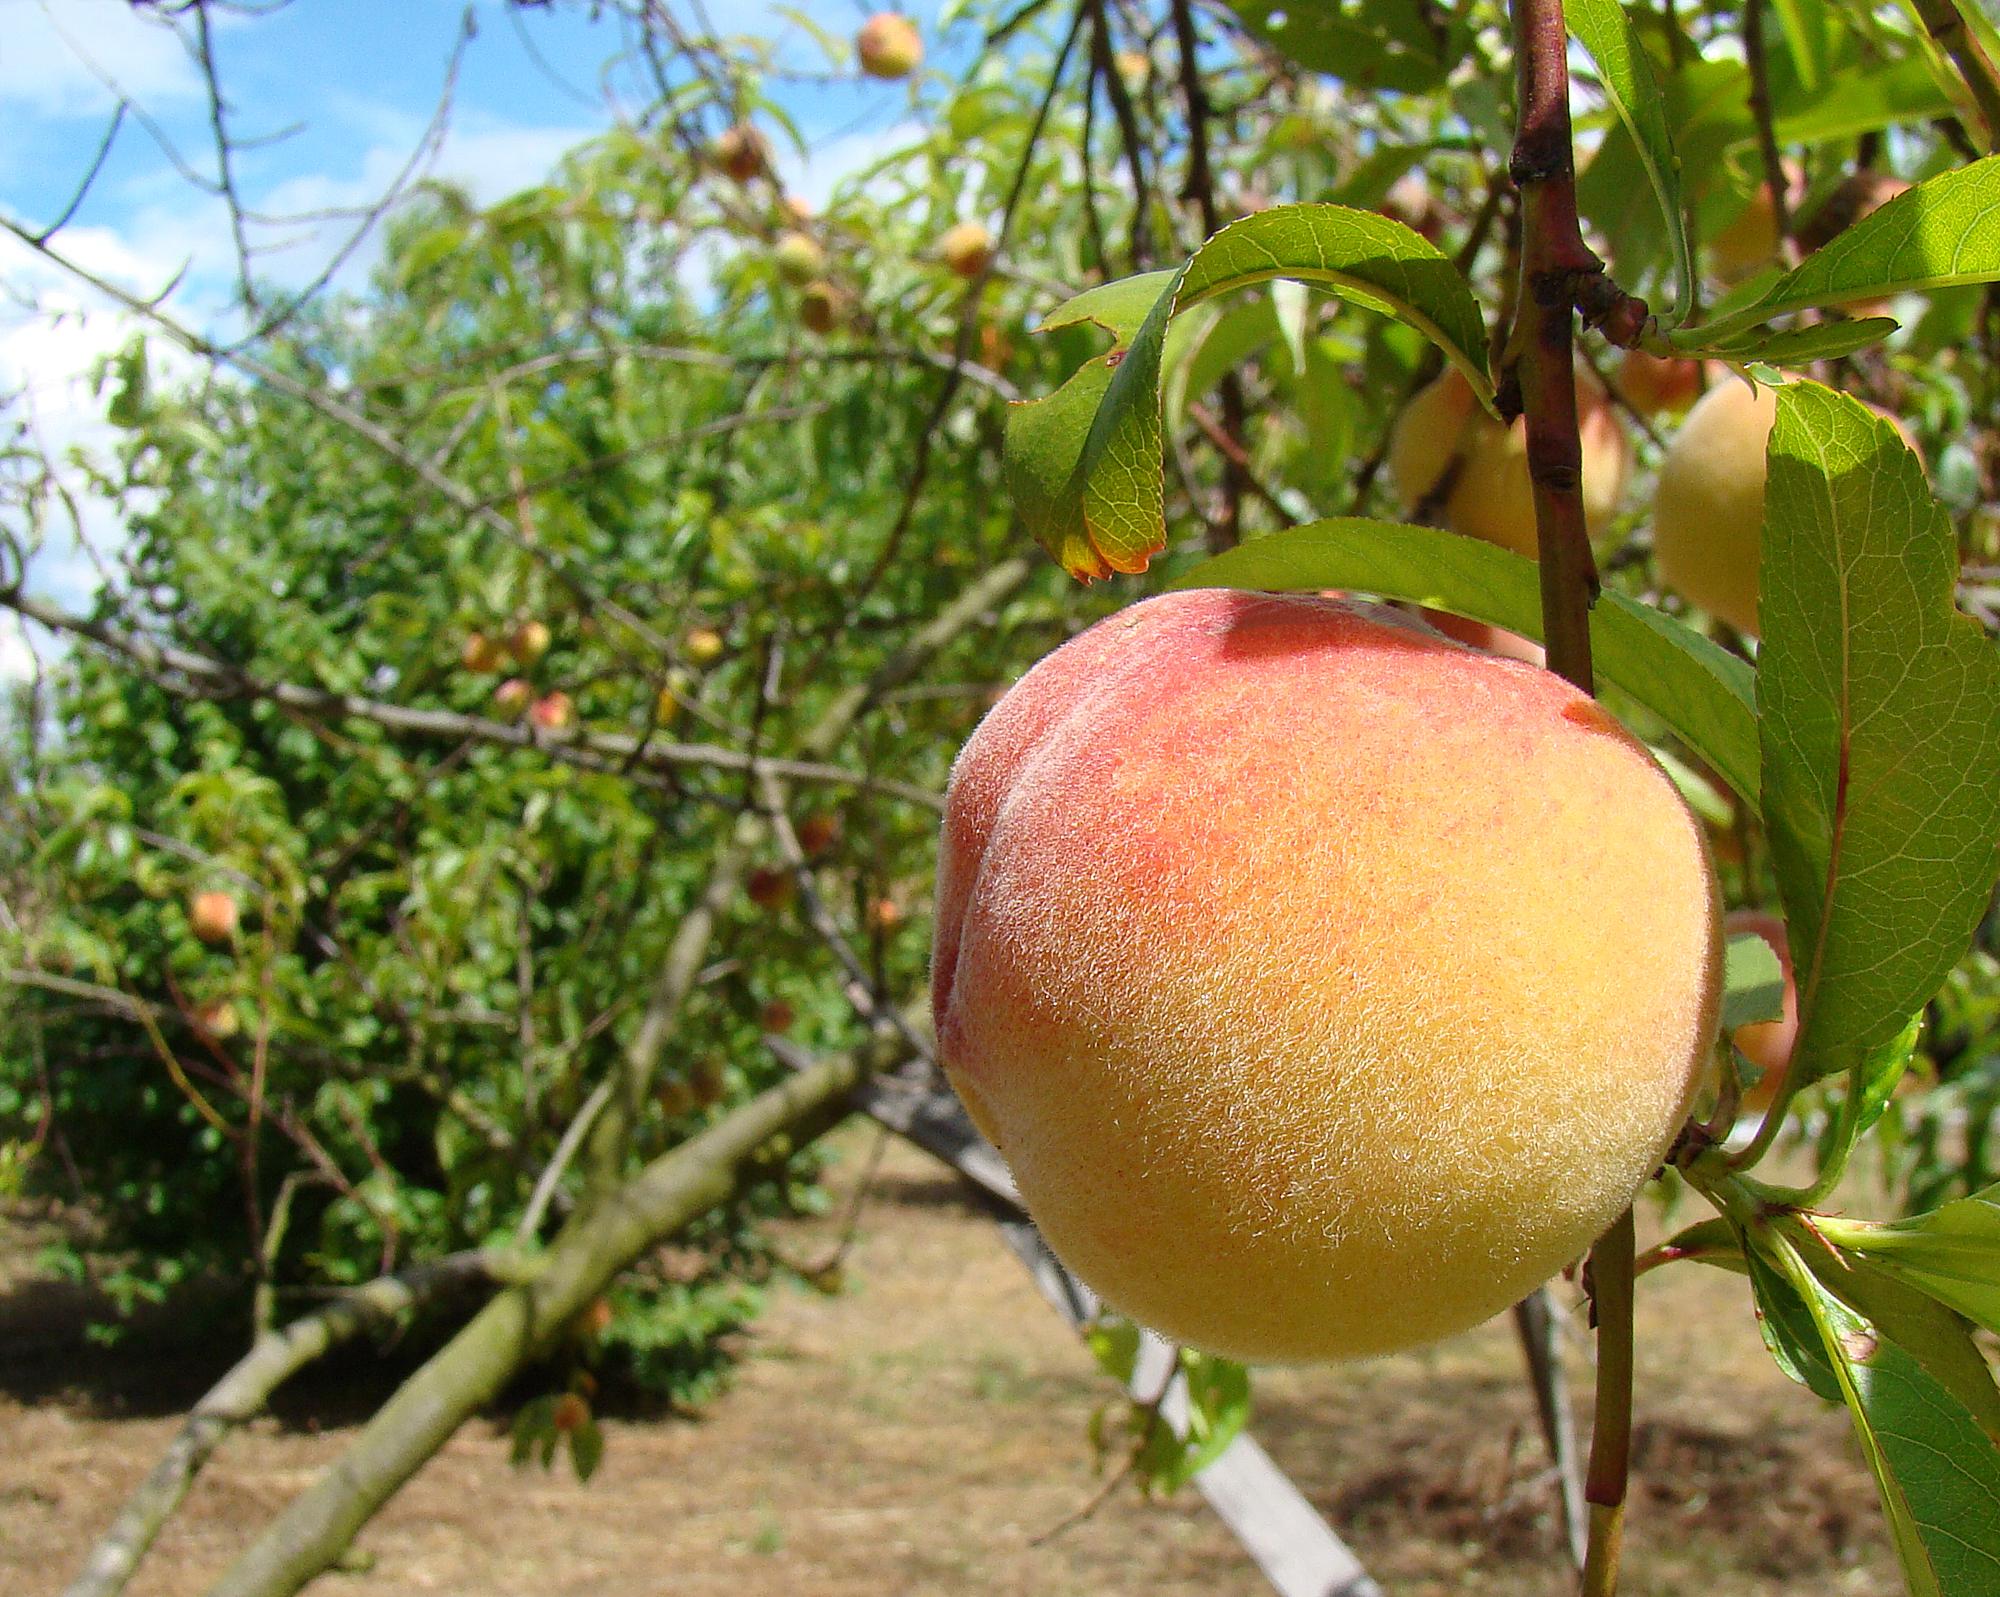 Hintergrundbilder : Lebensmittel, Natur, Frucht, Grün, Pfirsich ...